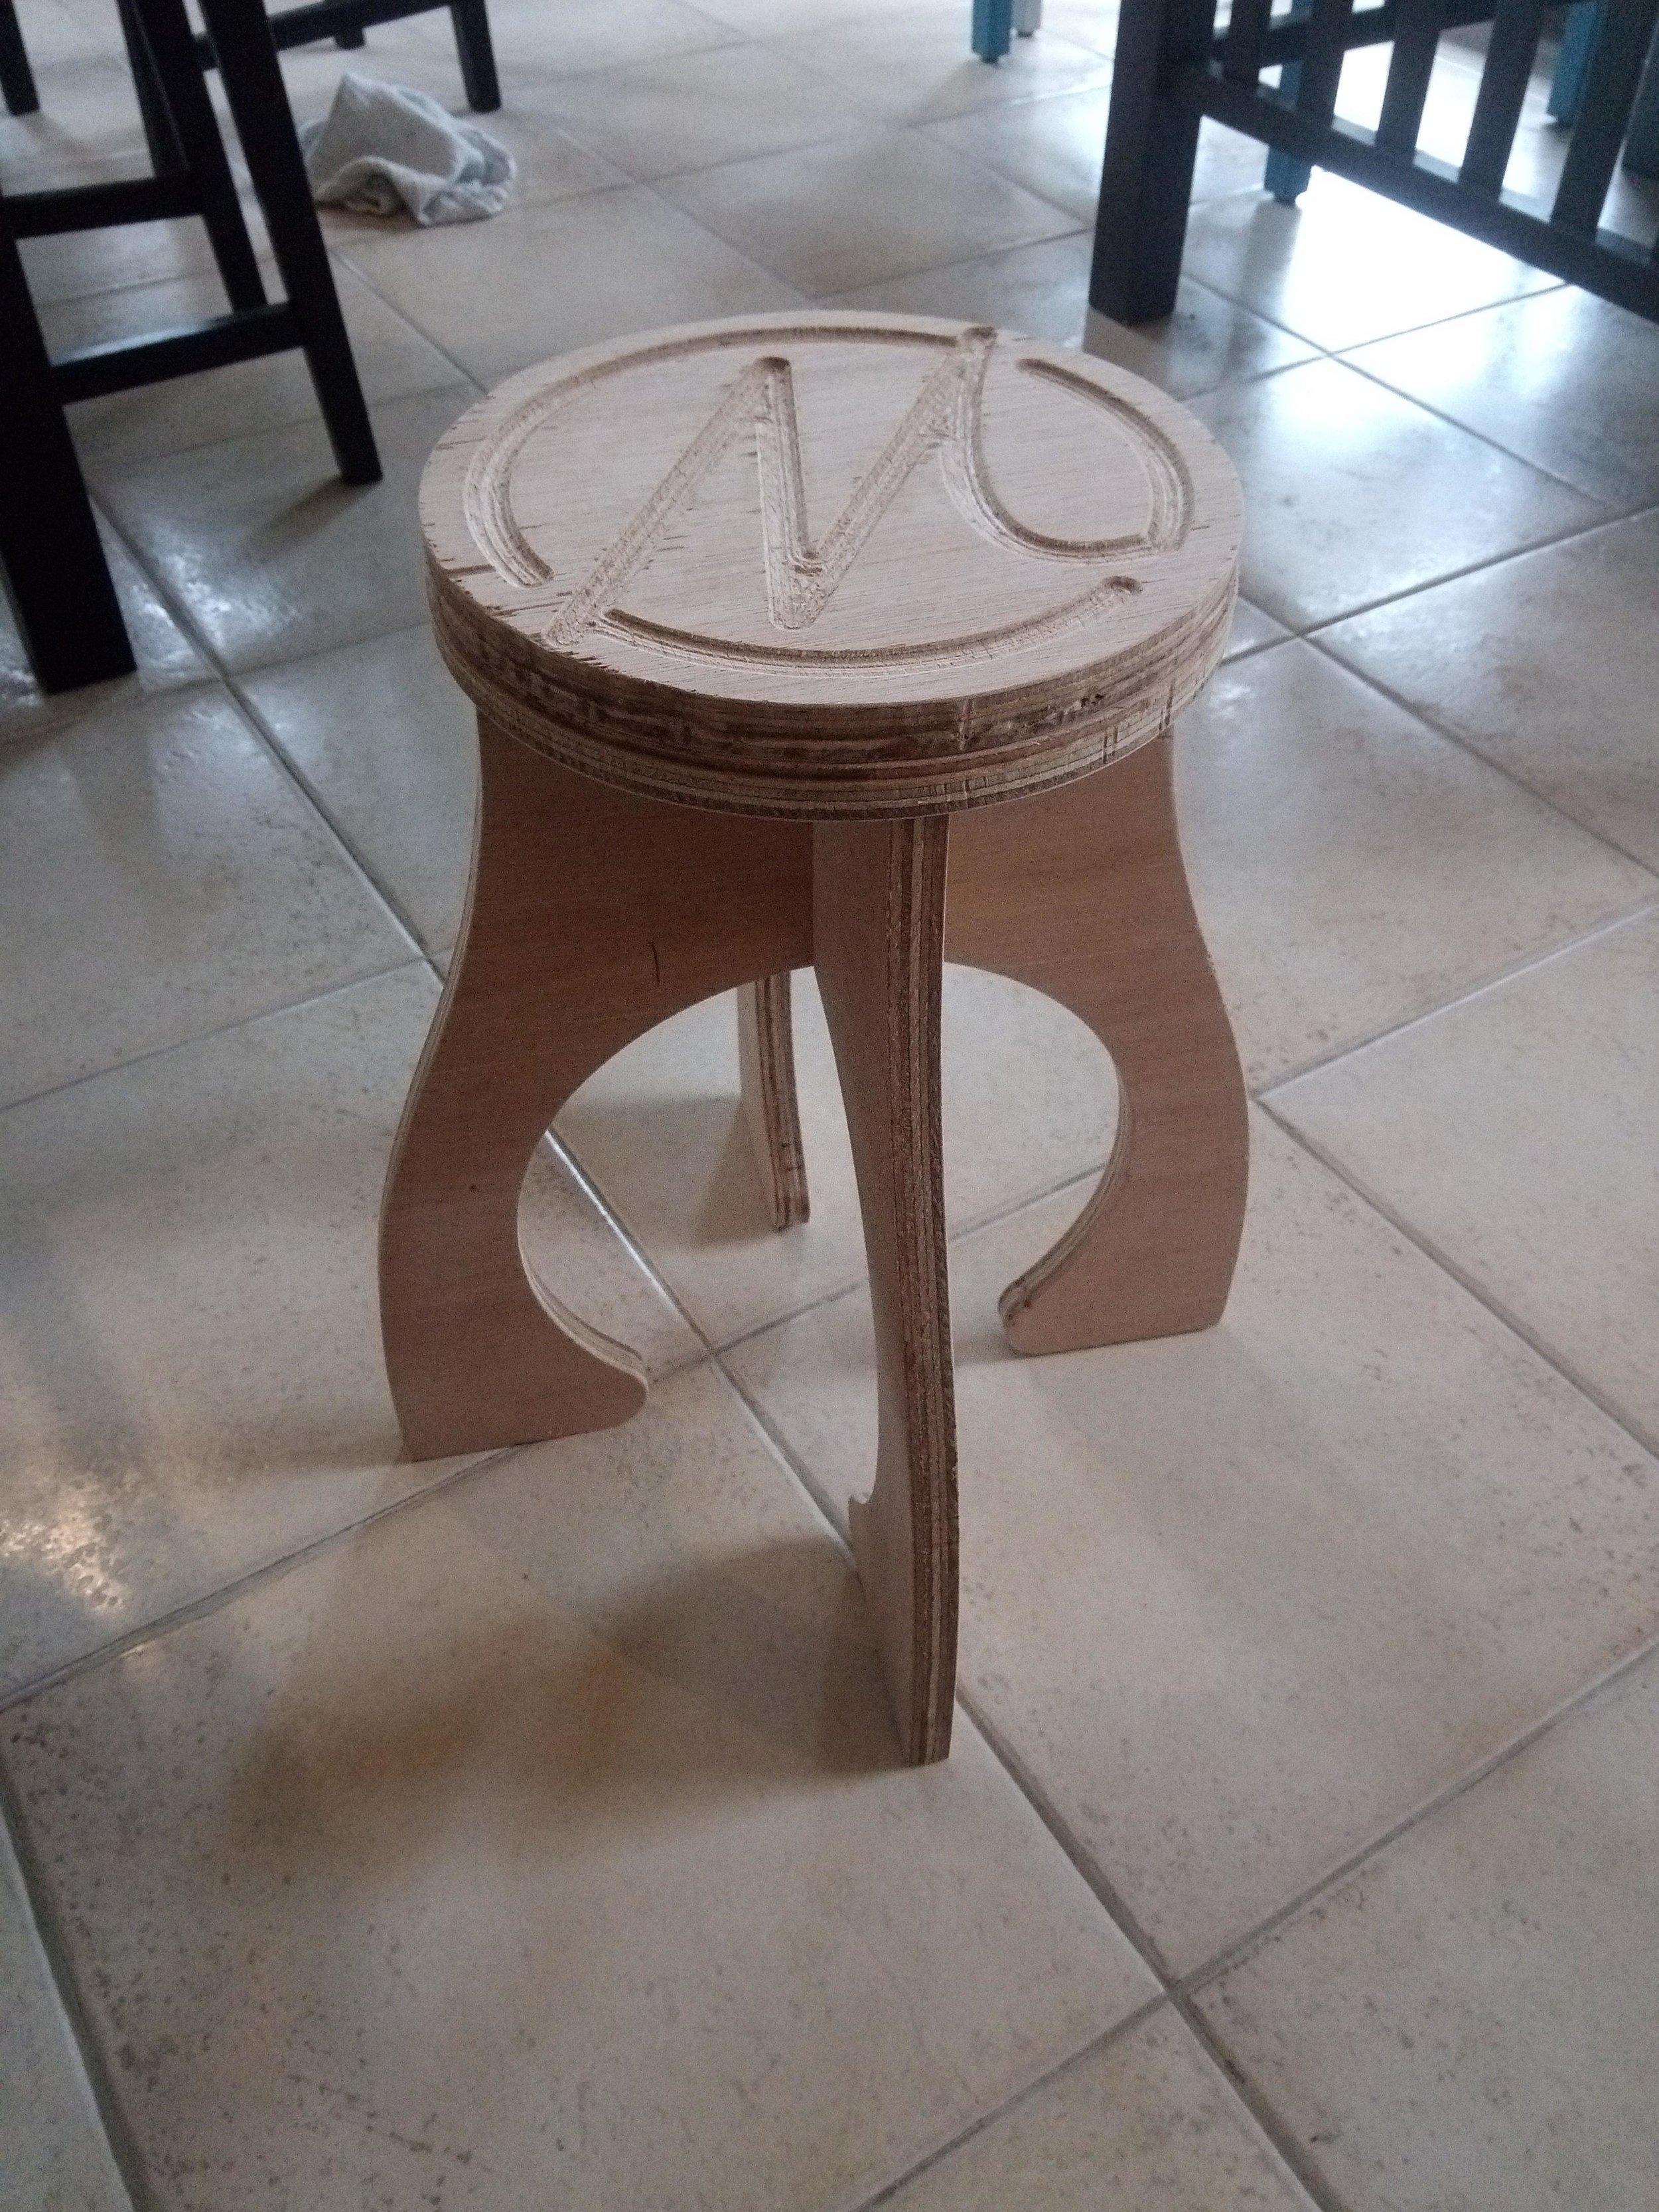 RavenWall stool 1.jpeg